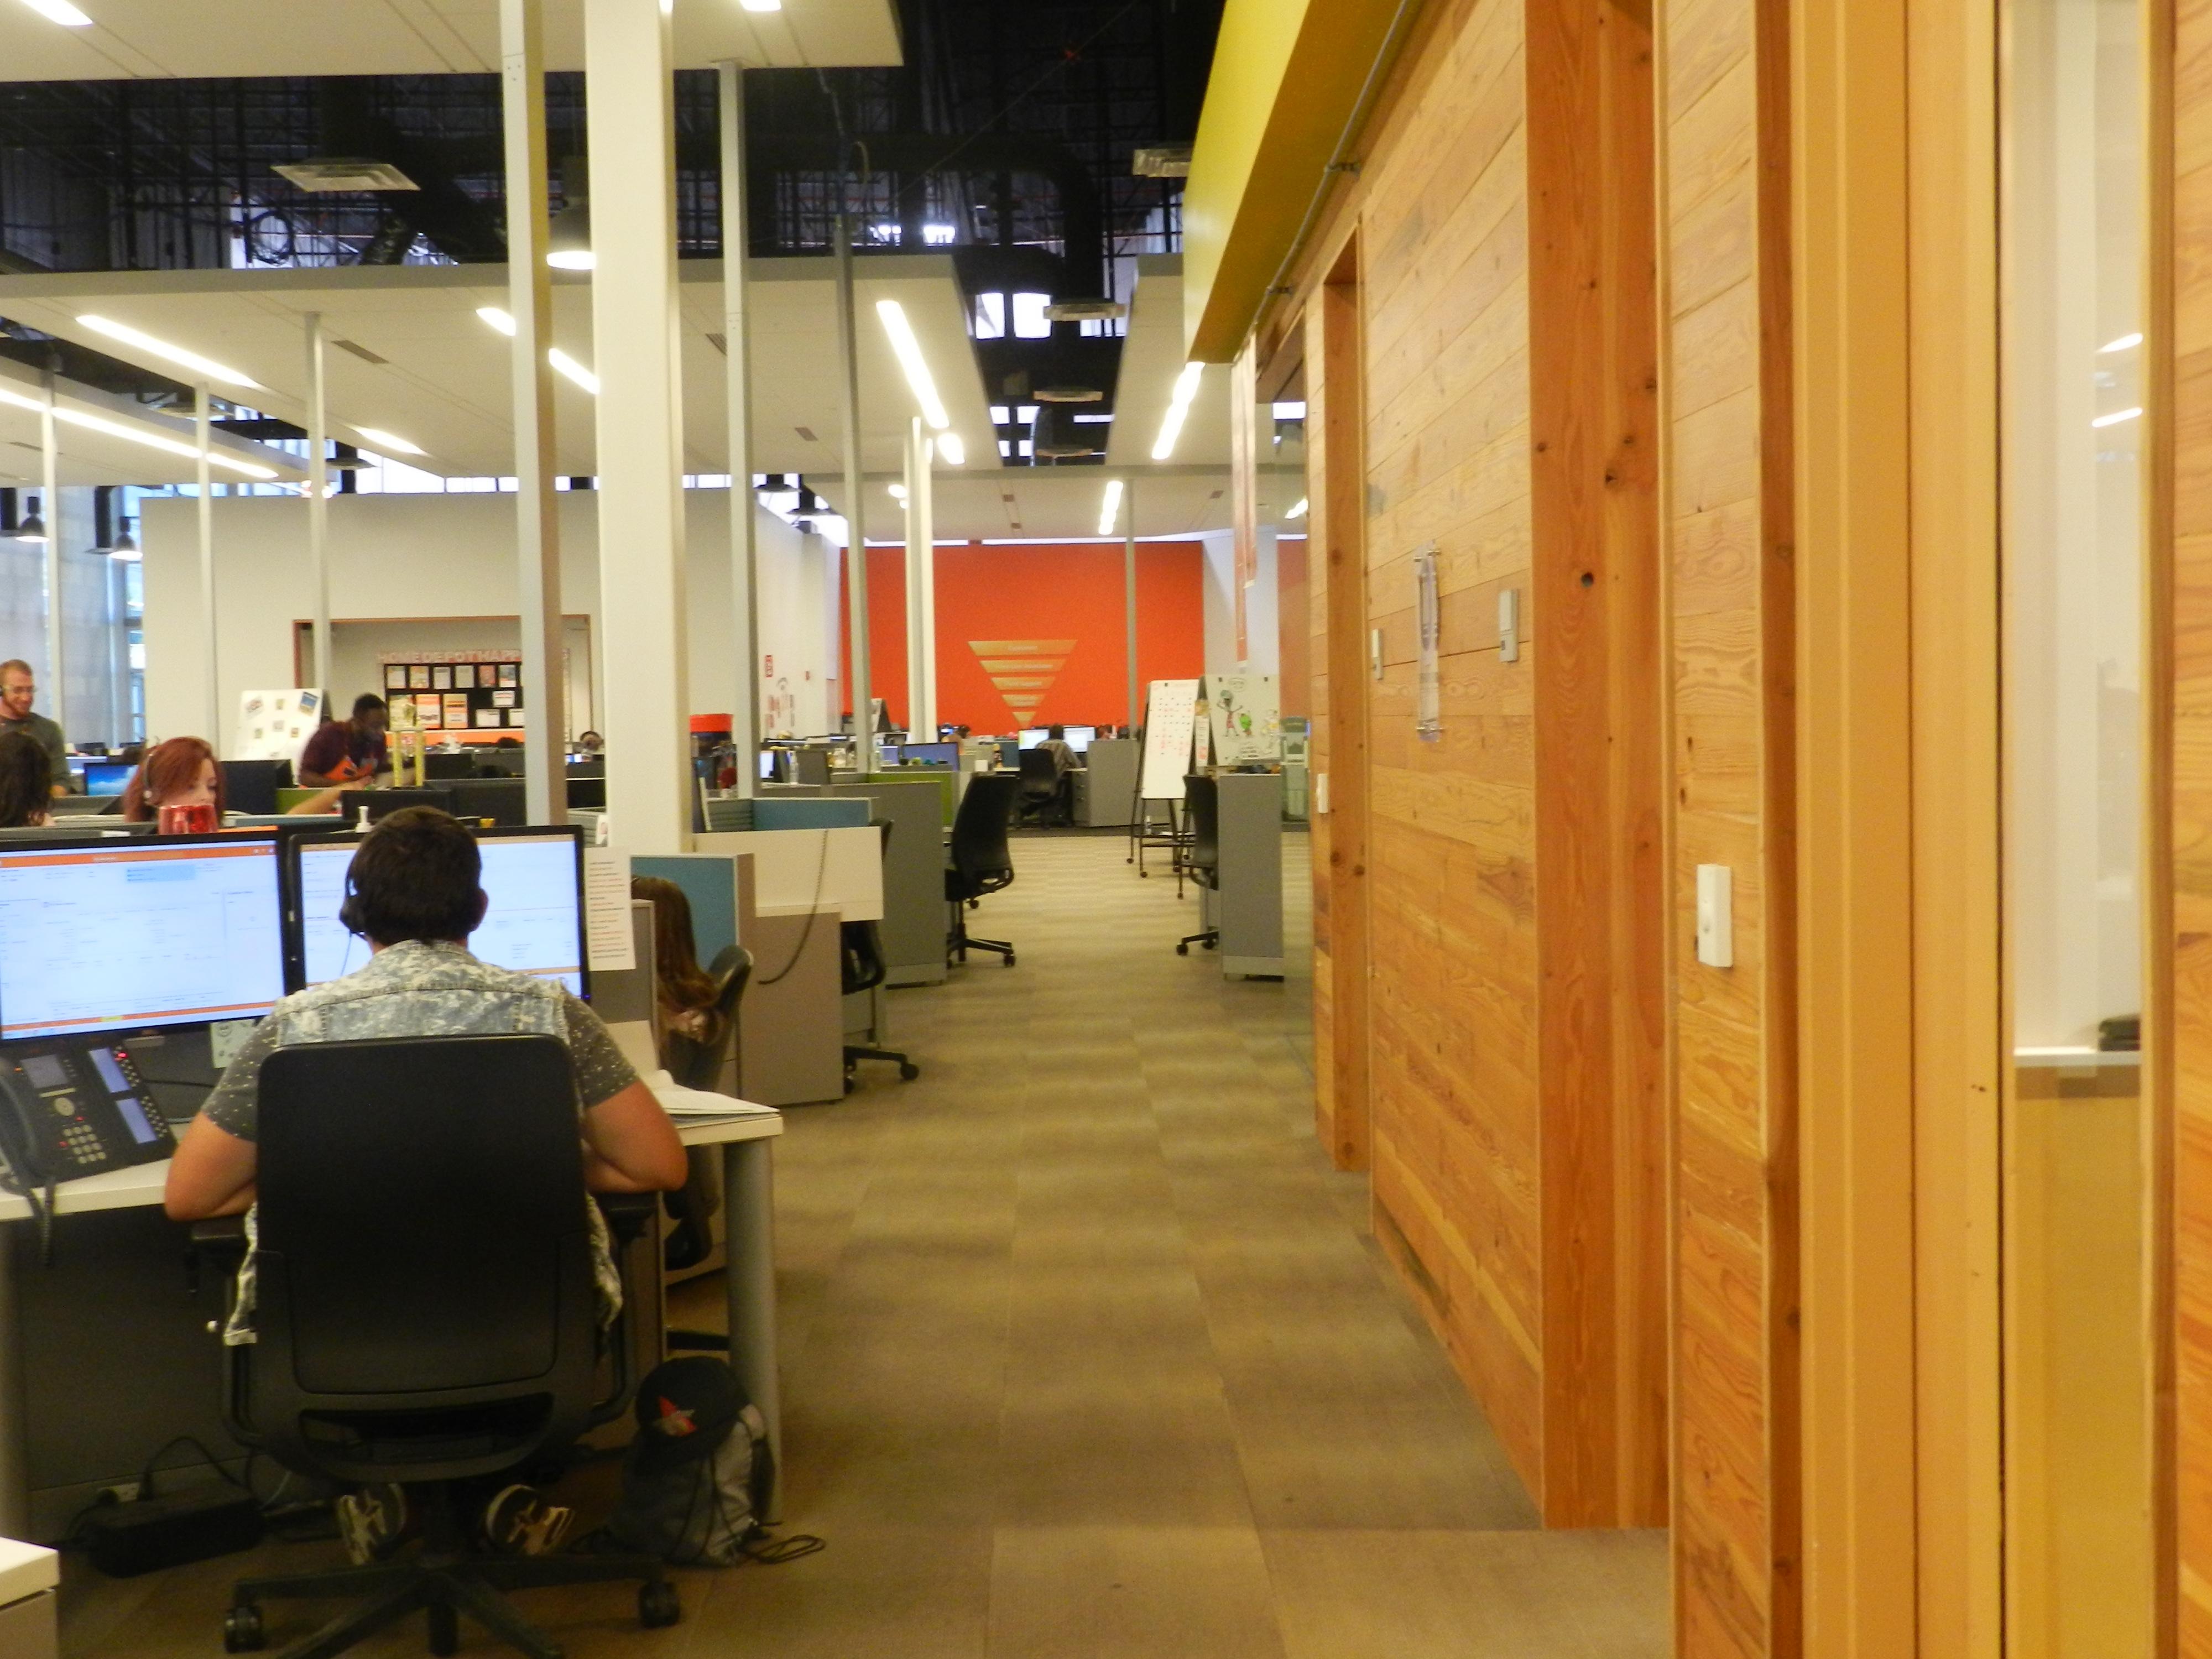 Nubiz Employee Retention Drives Ogden S Home Depot Call Center